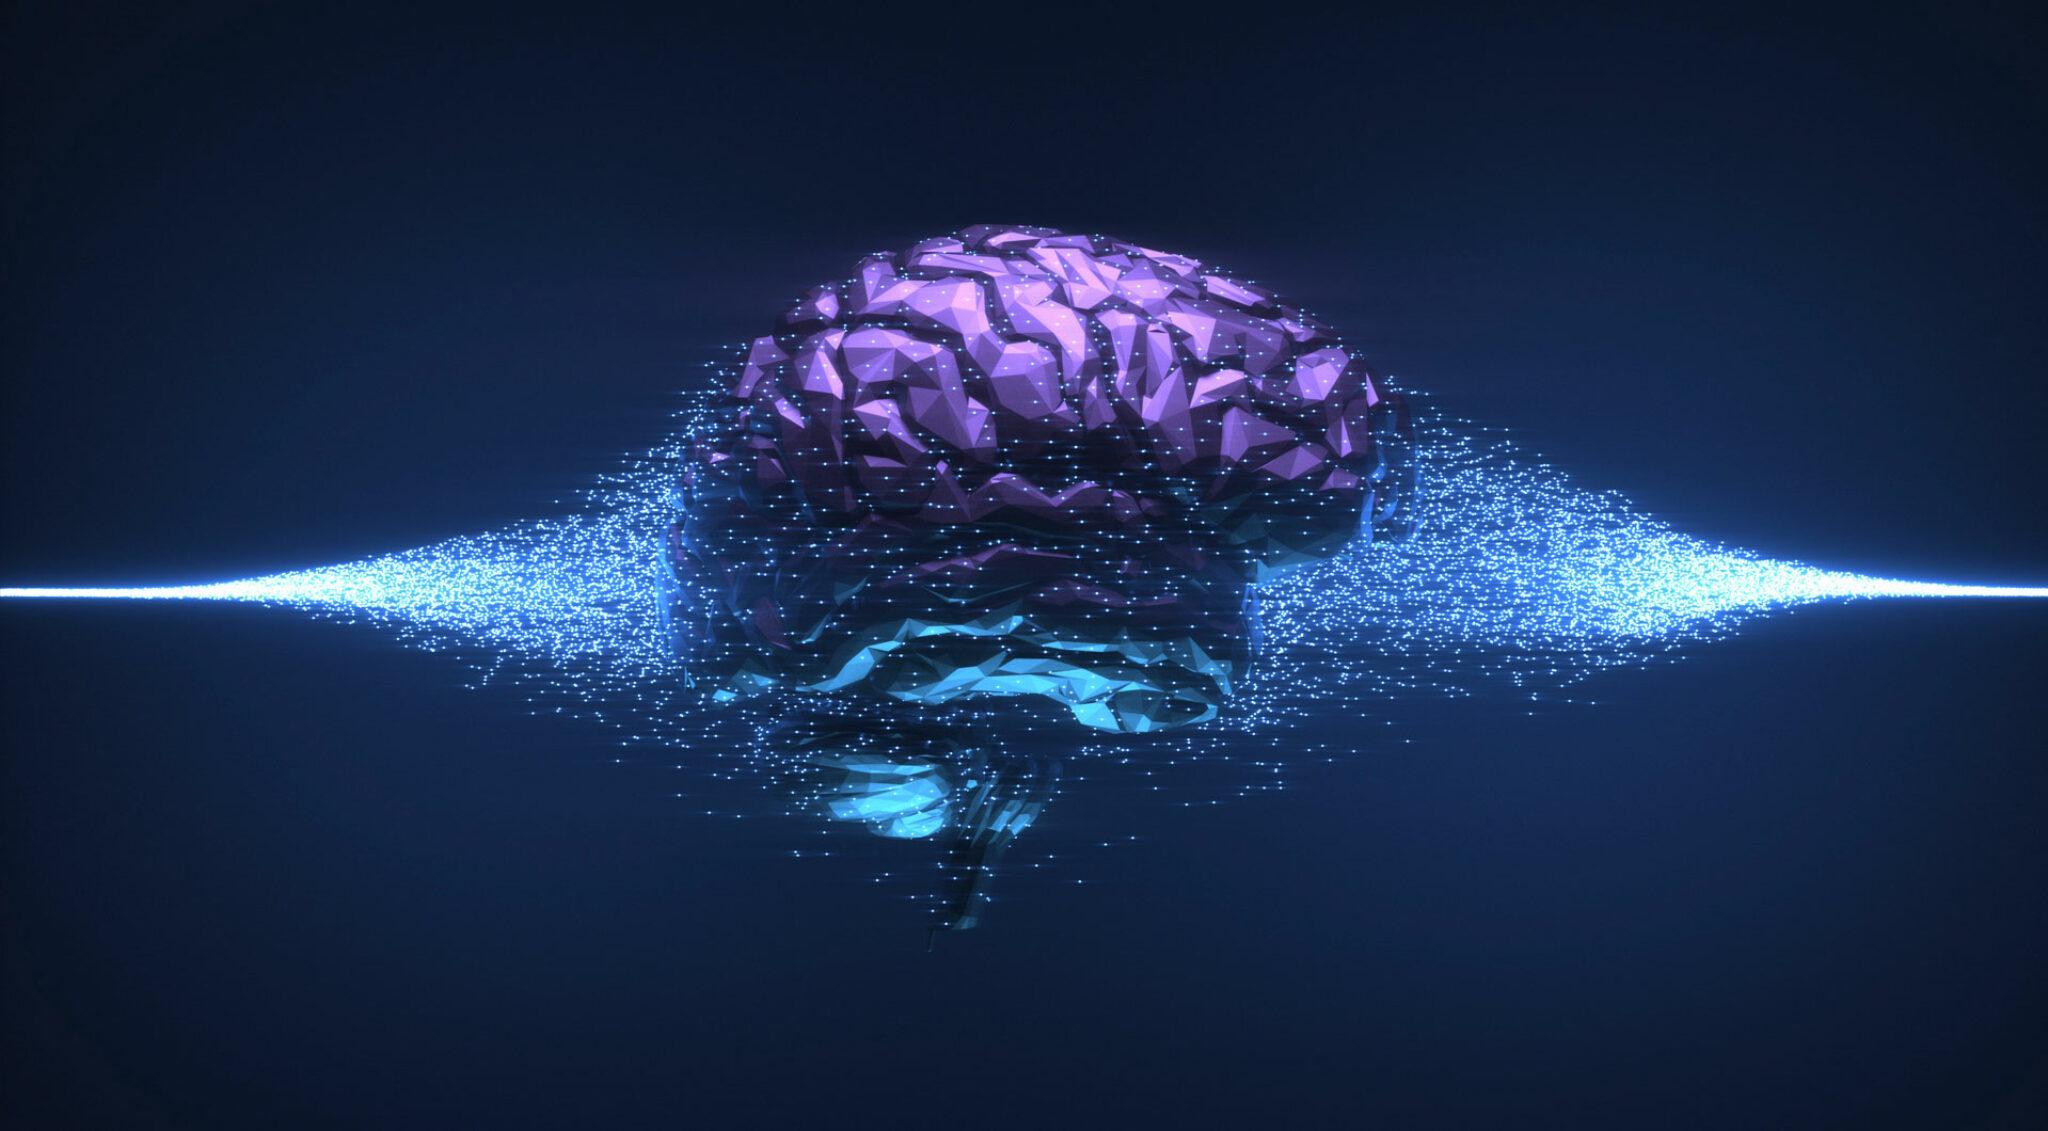 Gehirn in lila vor dunklem Hintergrund.